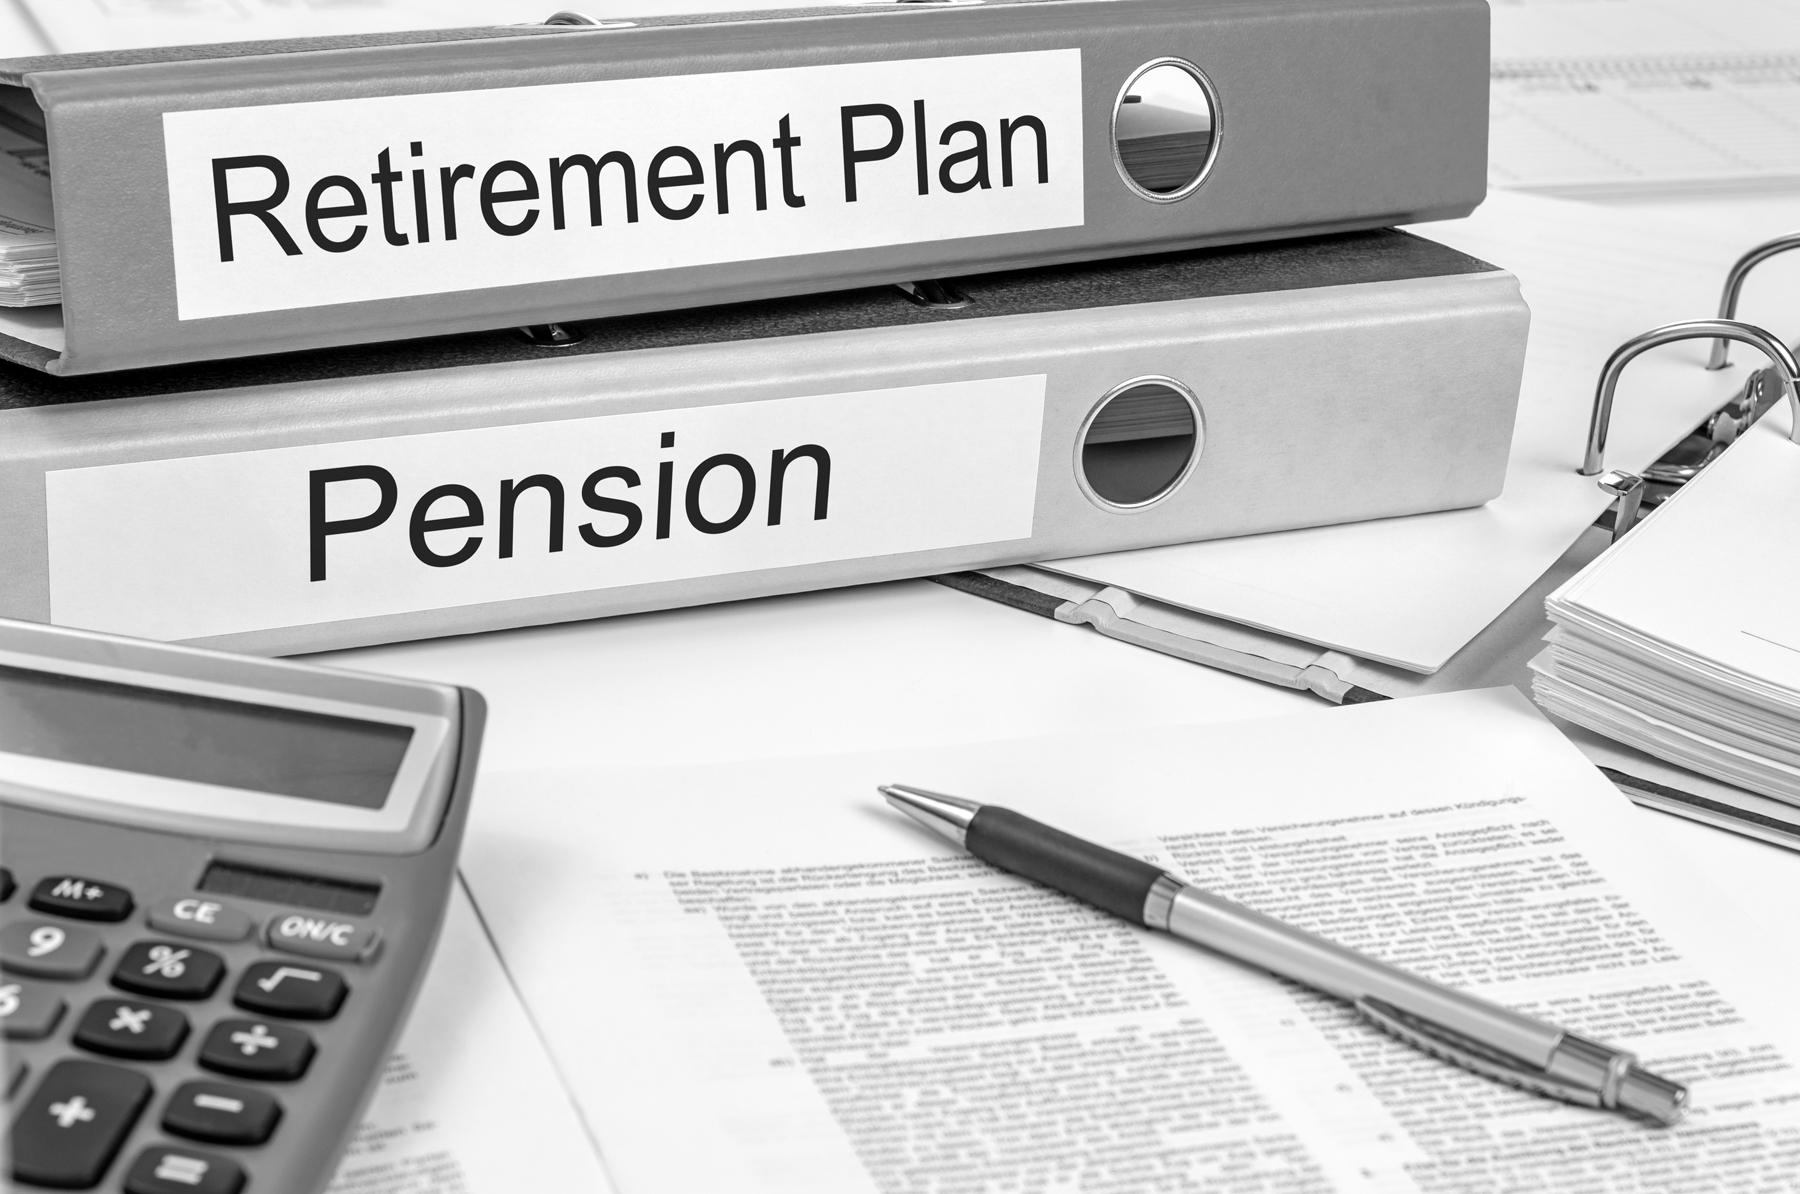 Social Security, Pension, Personal Savings